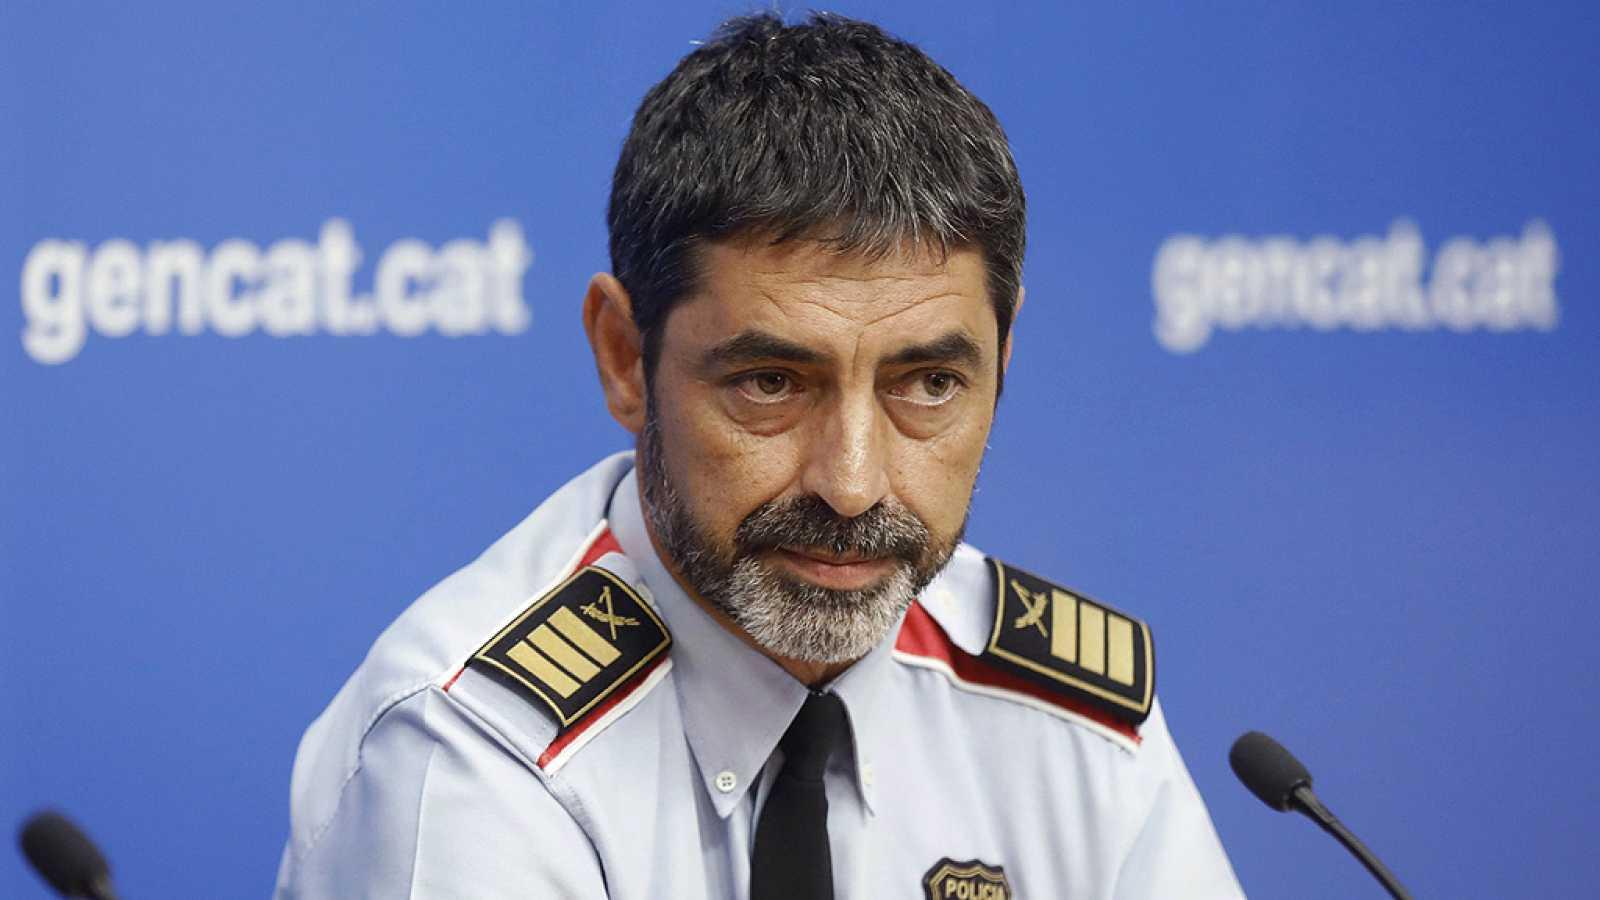 Referéndum en Cataluña: La Audiencia Nacional imputa a Trapero y a los presidentes de ANC y Òmnium por sedición